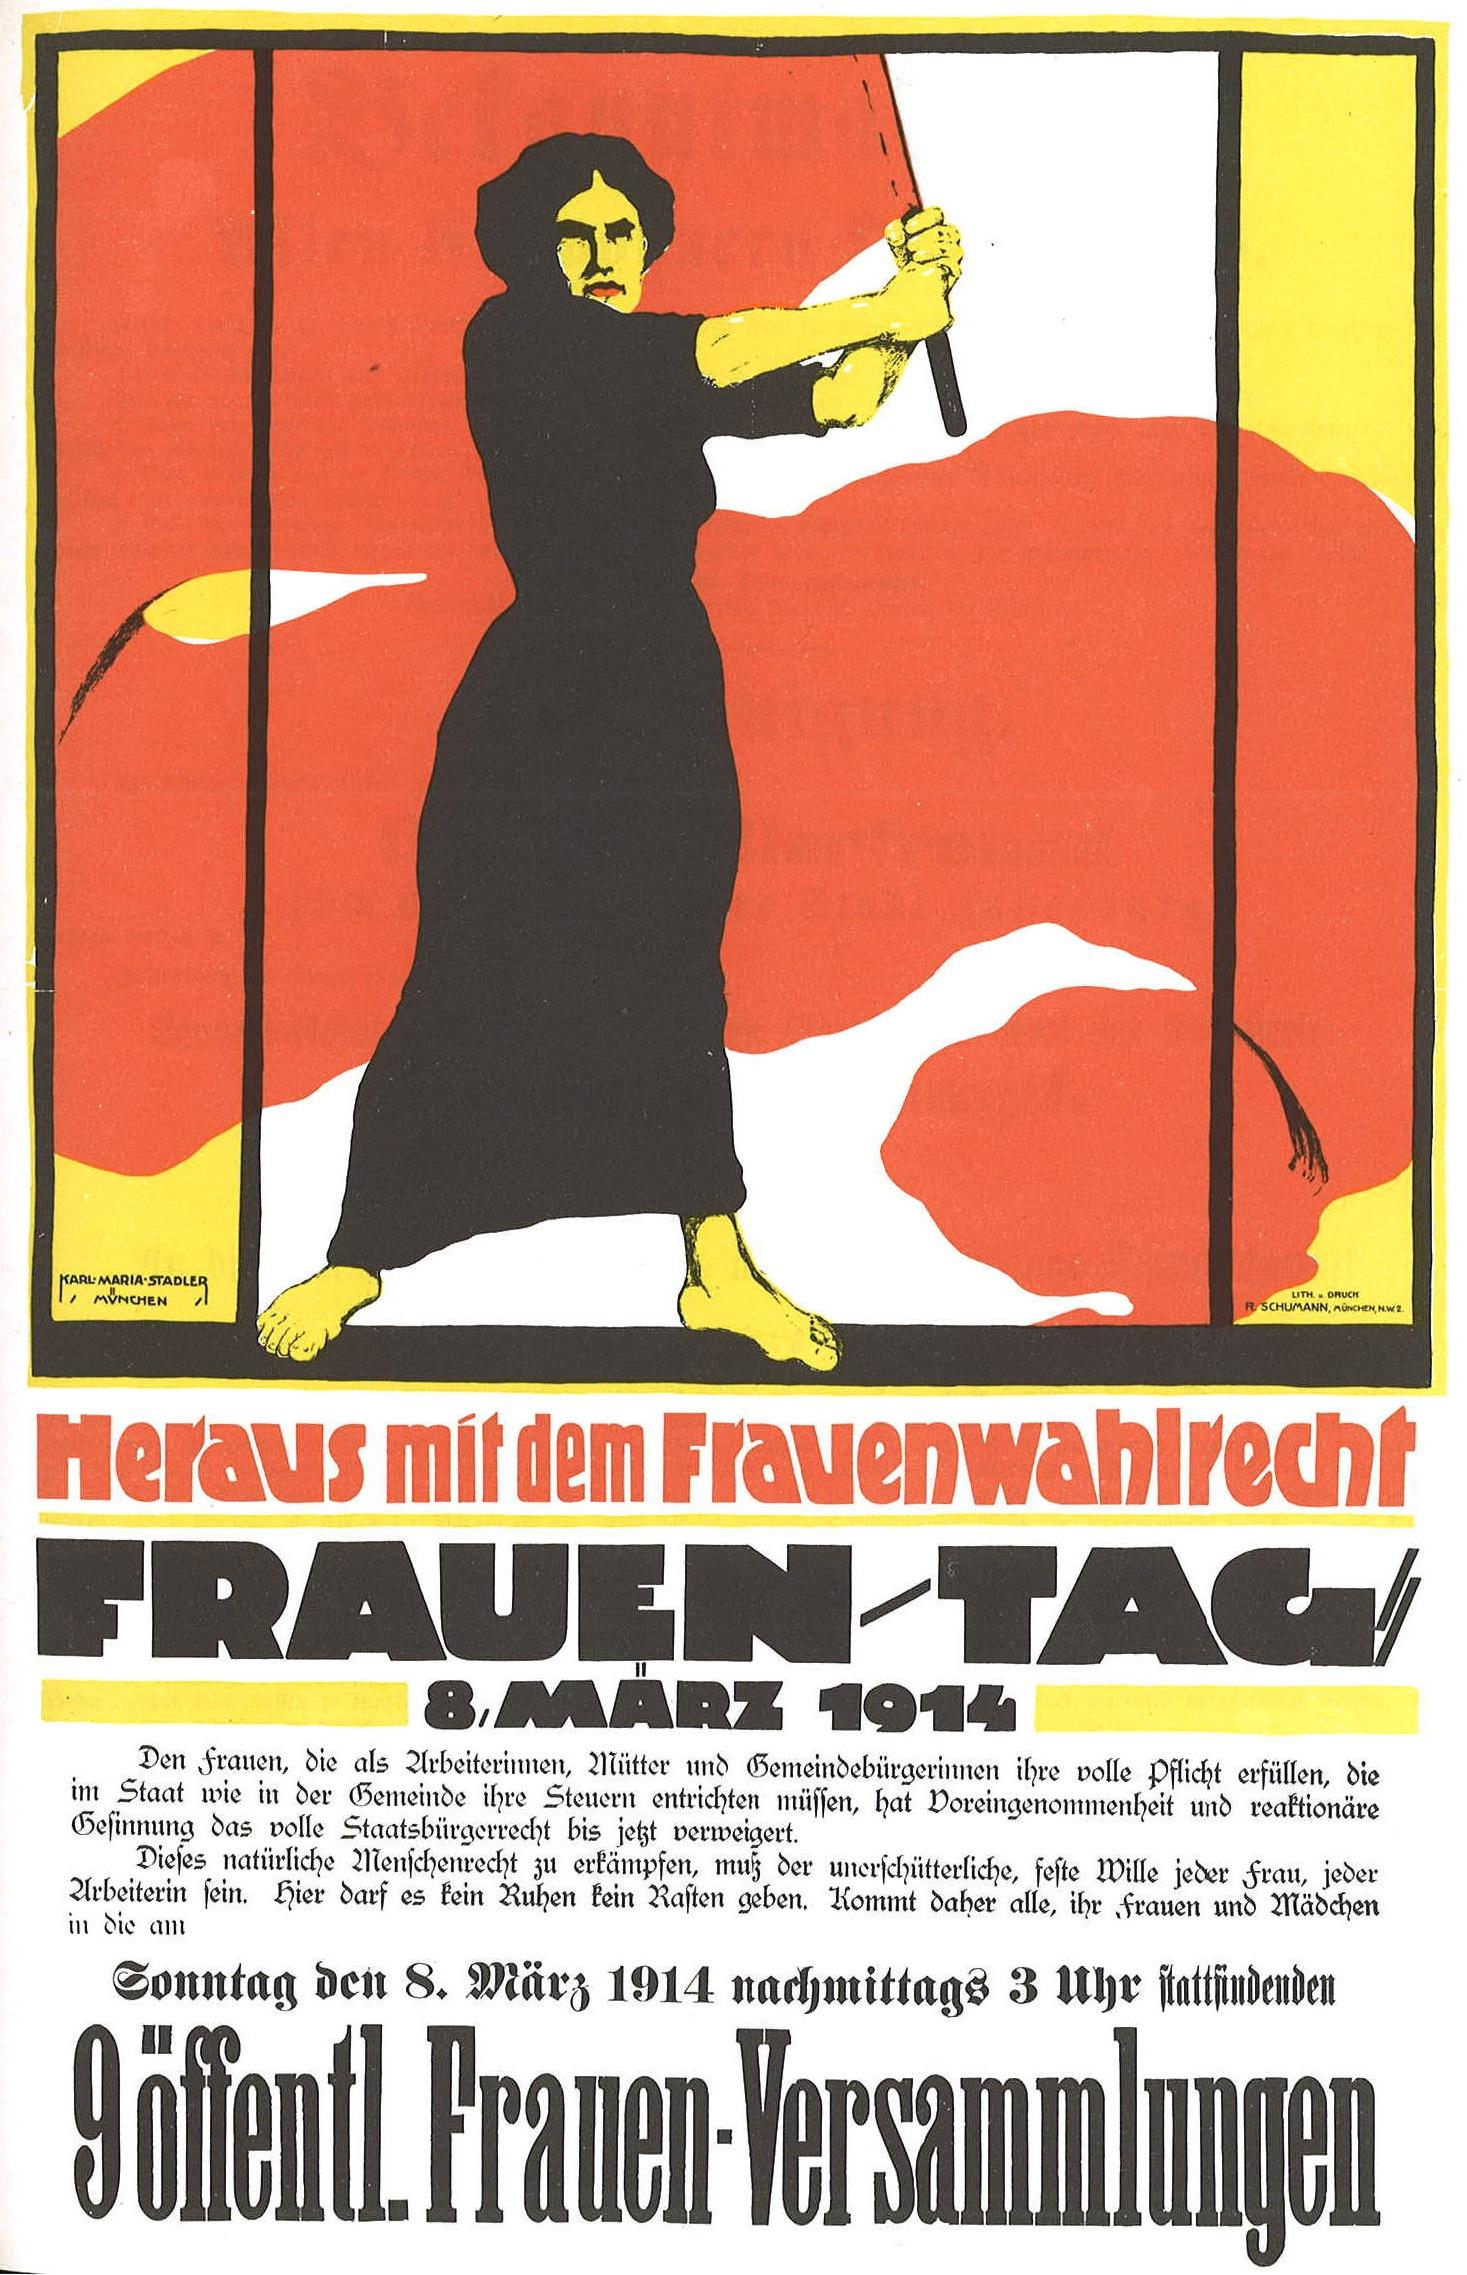 國際勞工婦女節(International Working Women's Day, IWD)宣傳海報。